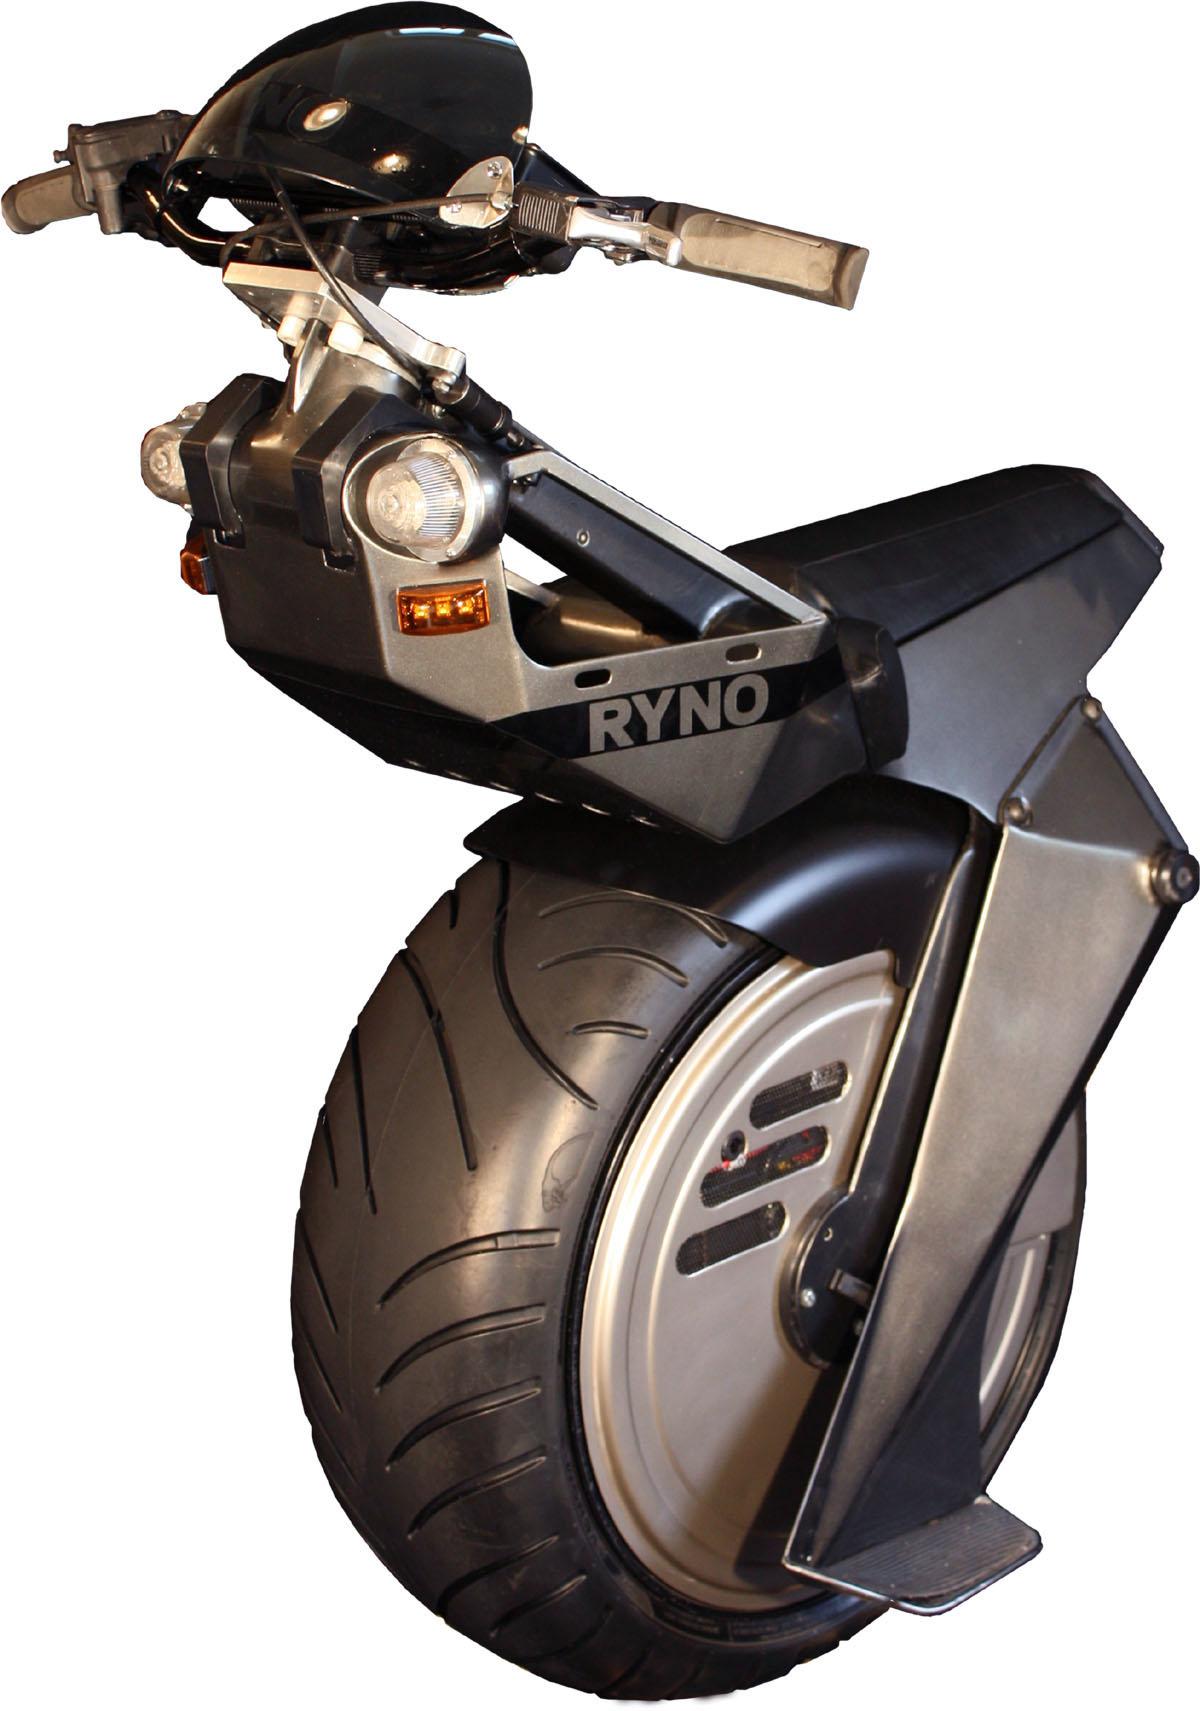 Ryno es el monociclo eléctrico monorueda que conduce como una moto a través de sensores, ideal para la ciudad y lugares de espacios reducidos.